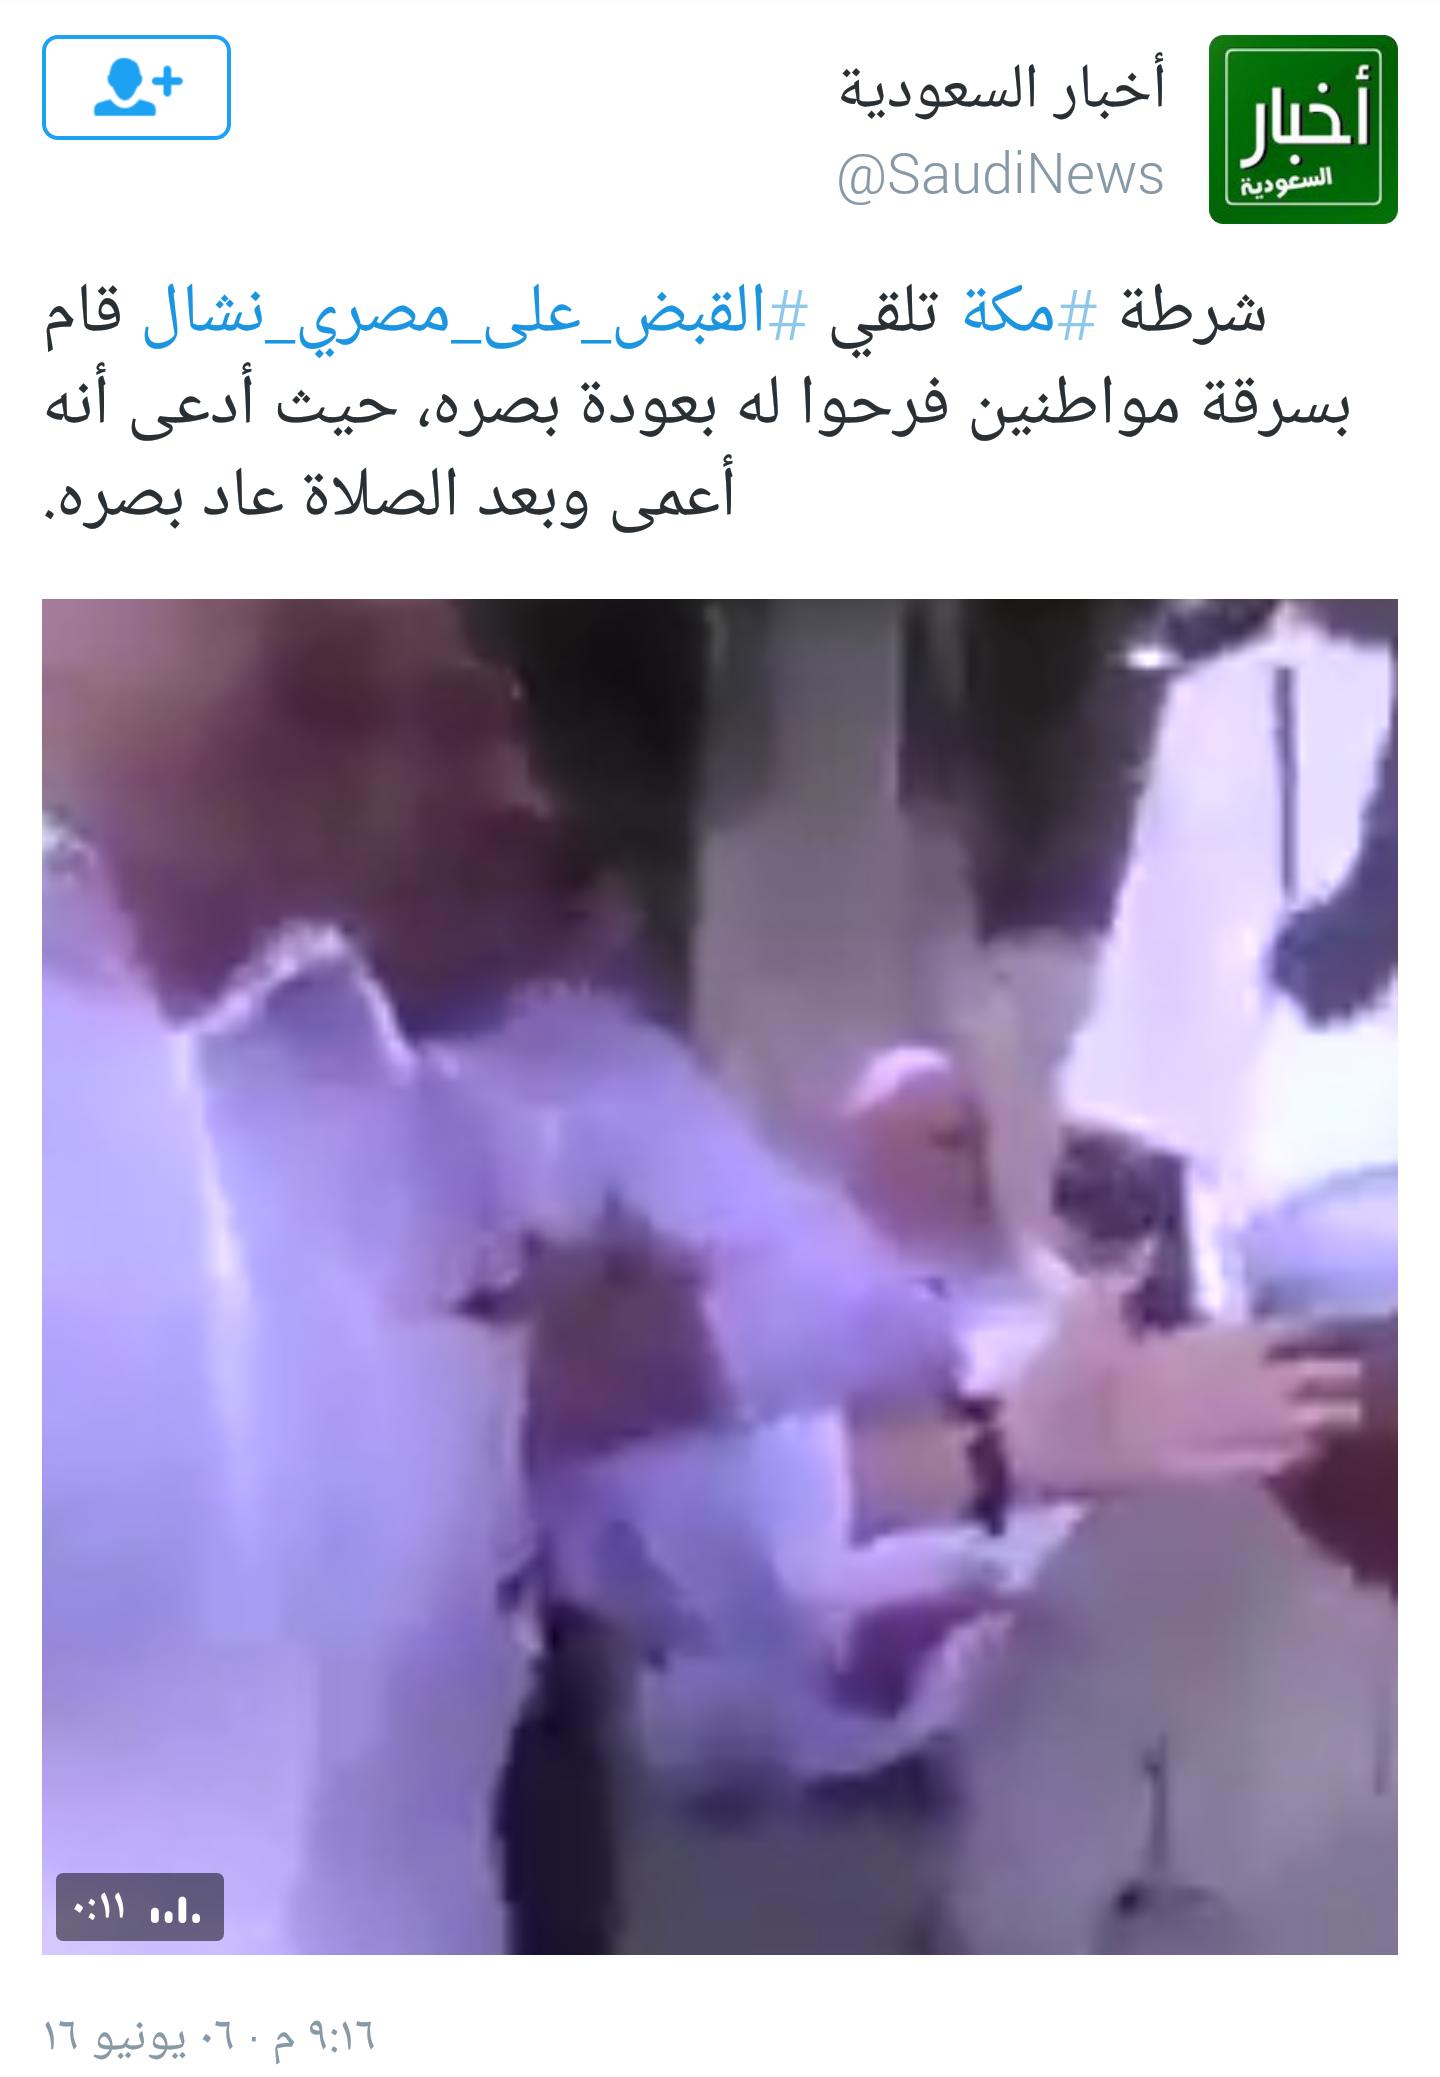 ((محدث )) القاء القبض على المصري مدعي استرجاع نظره